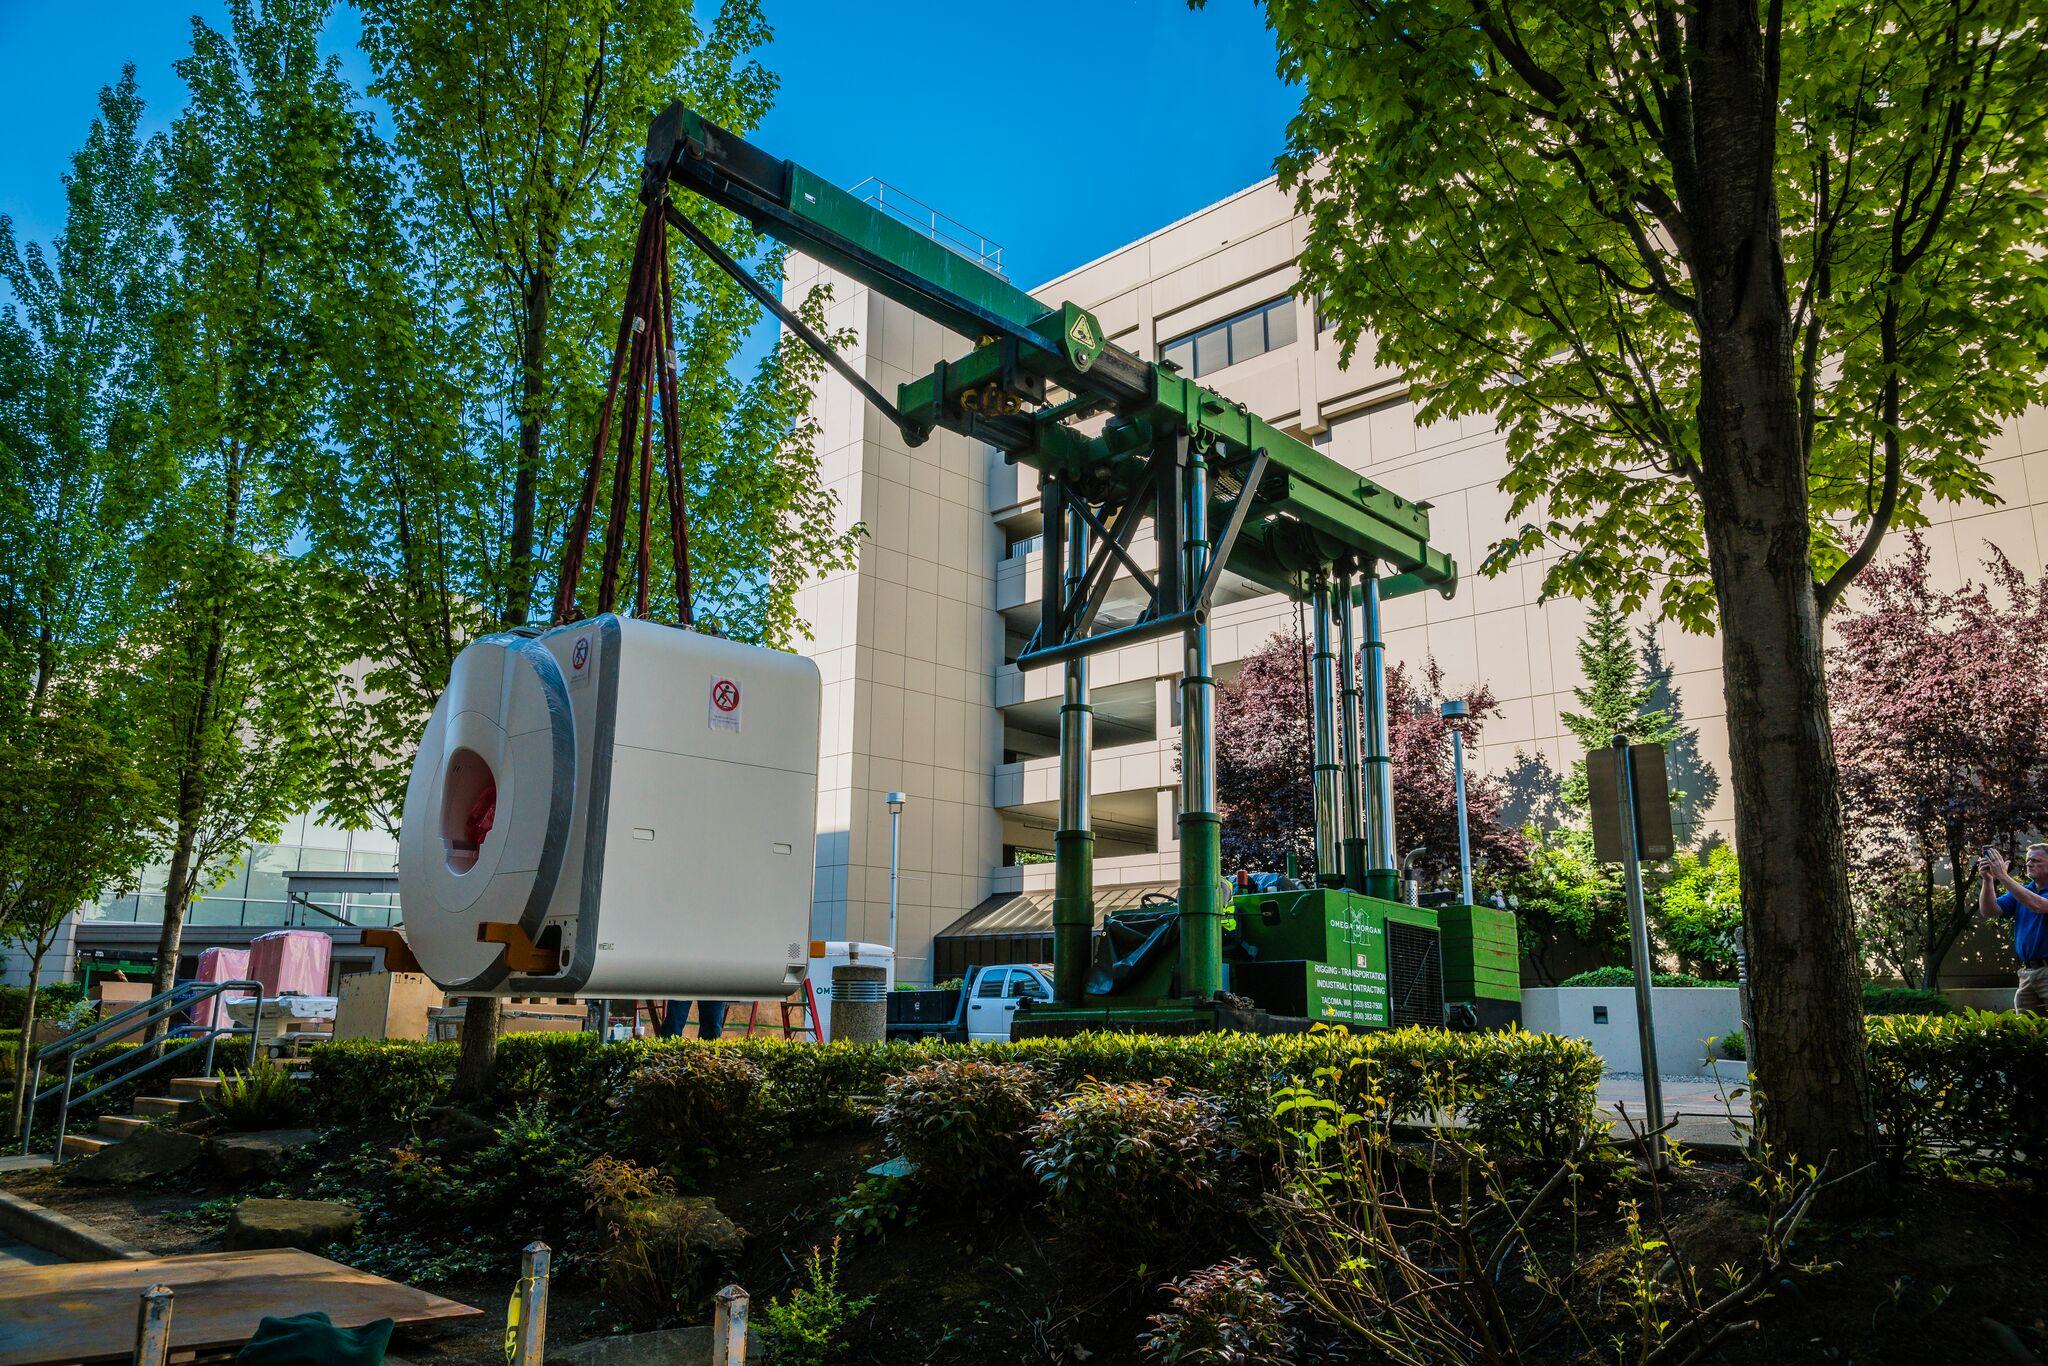 Tri-lifter with boom attachment lifting MRI unit in Bellevue, WA